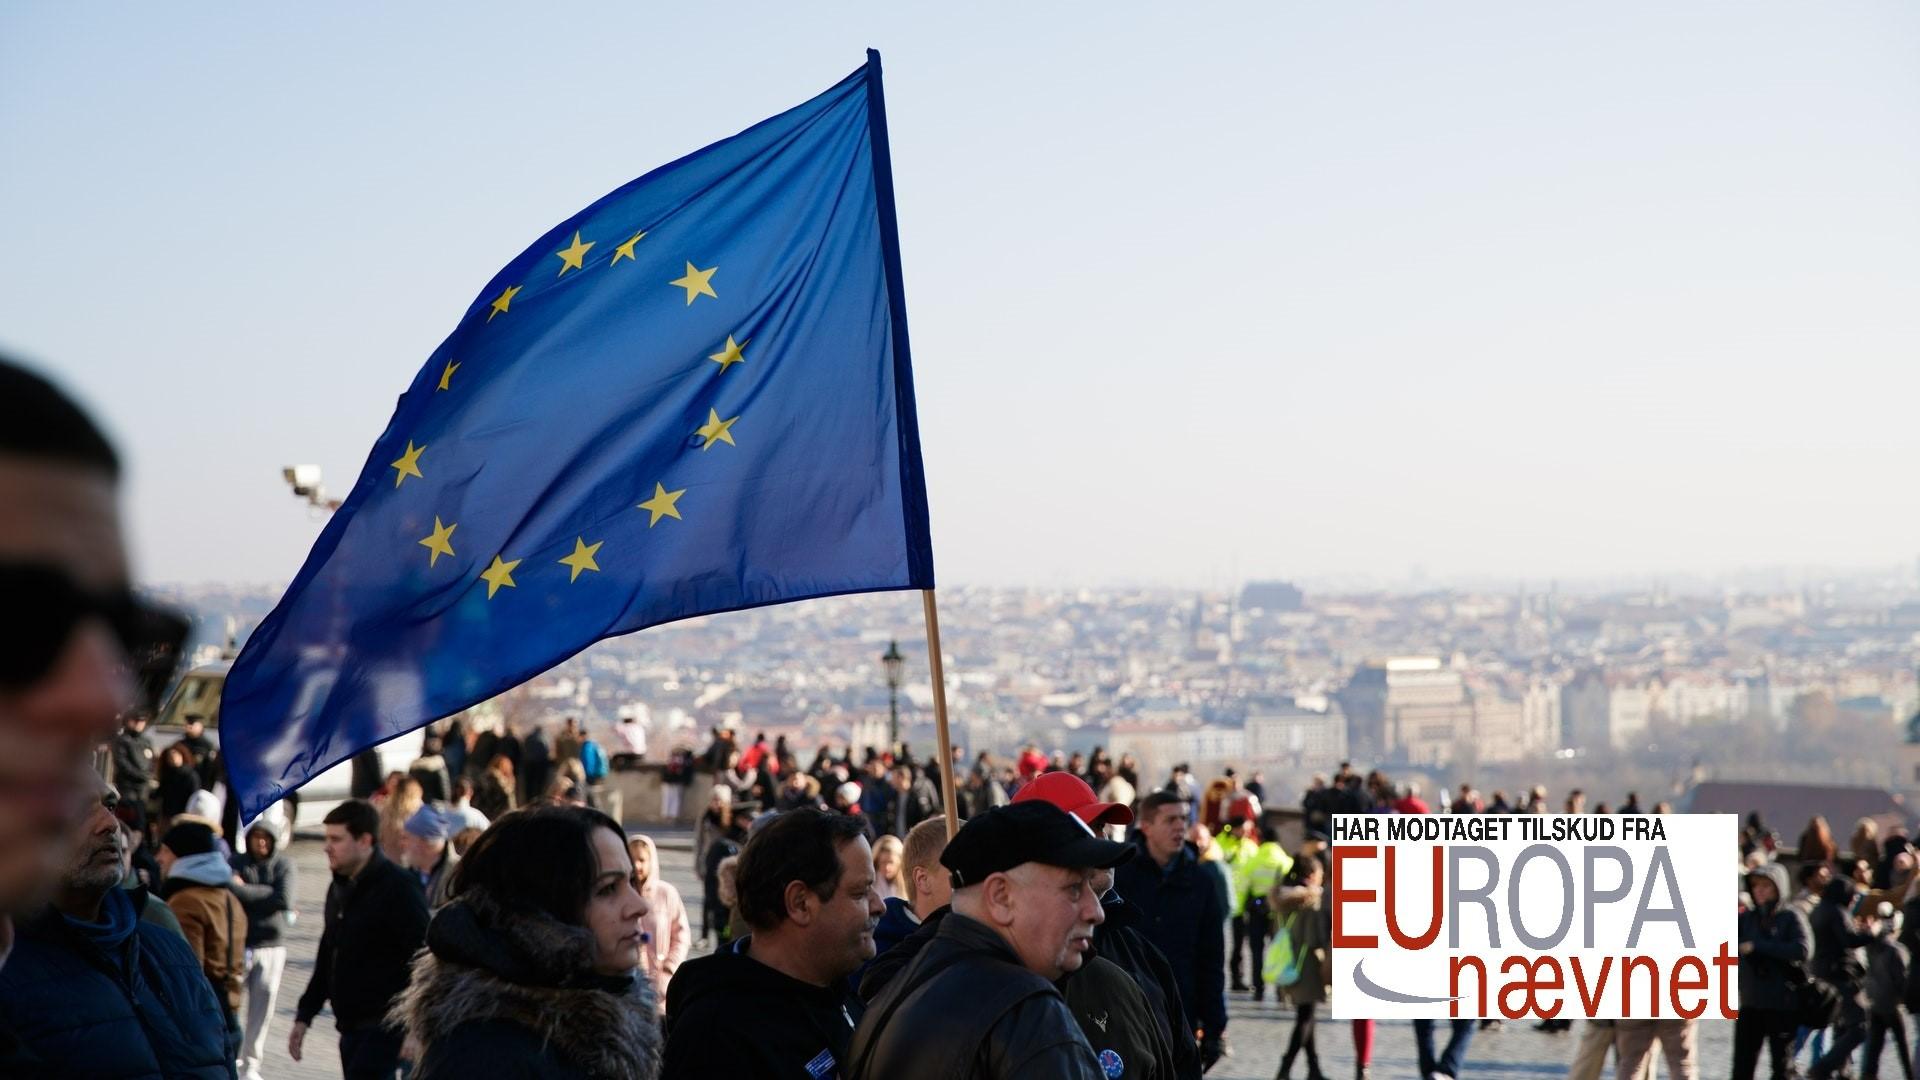 Fyn – Europadagen 9. maj 2021